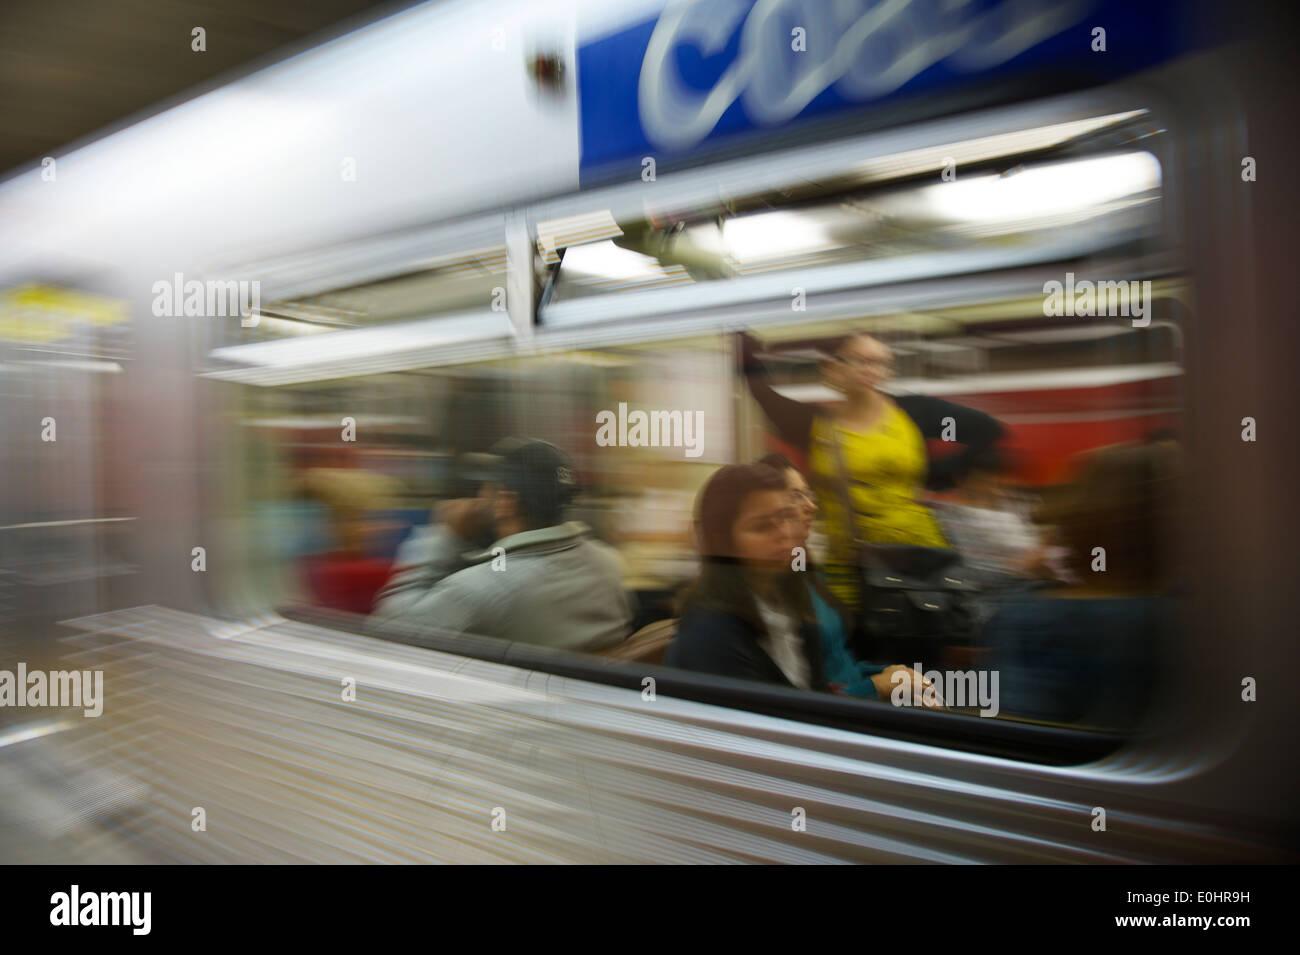 SAO PAULO, BRASIL - Septiembre 28, 2013: los viajeros ride el Metropolitano de São Paulo, que lleva más de 7 millones de pasajeros. Imagen De Stock